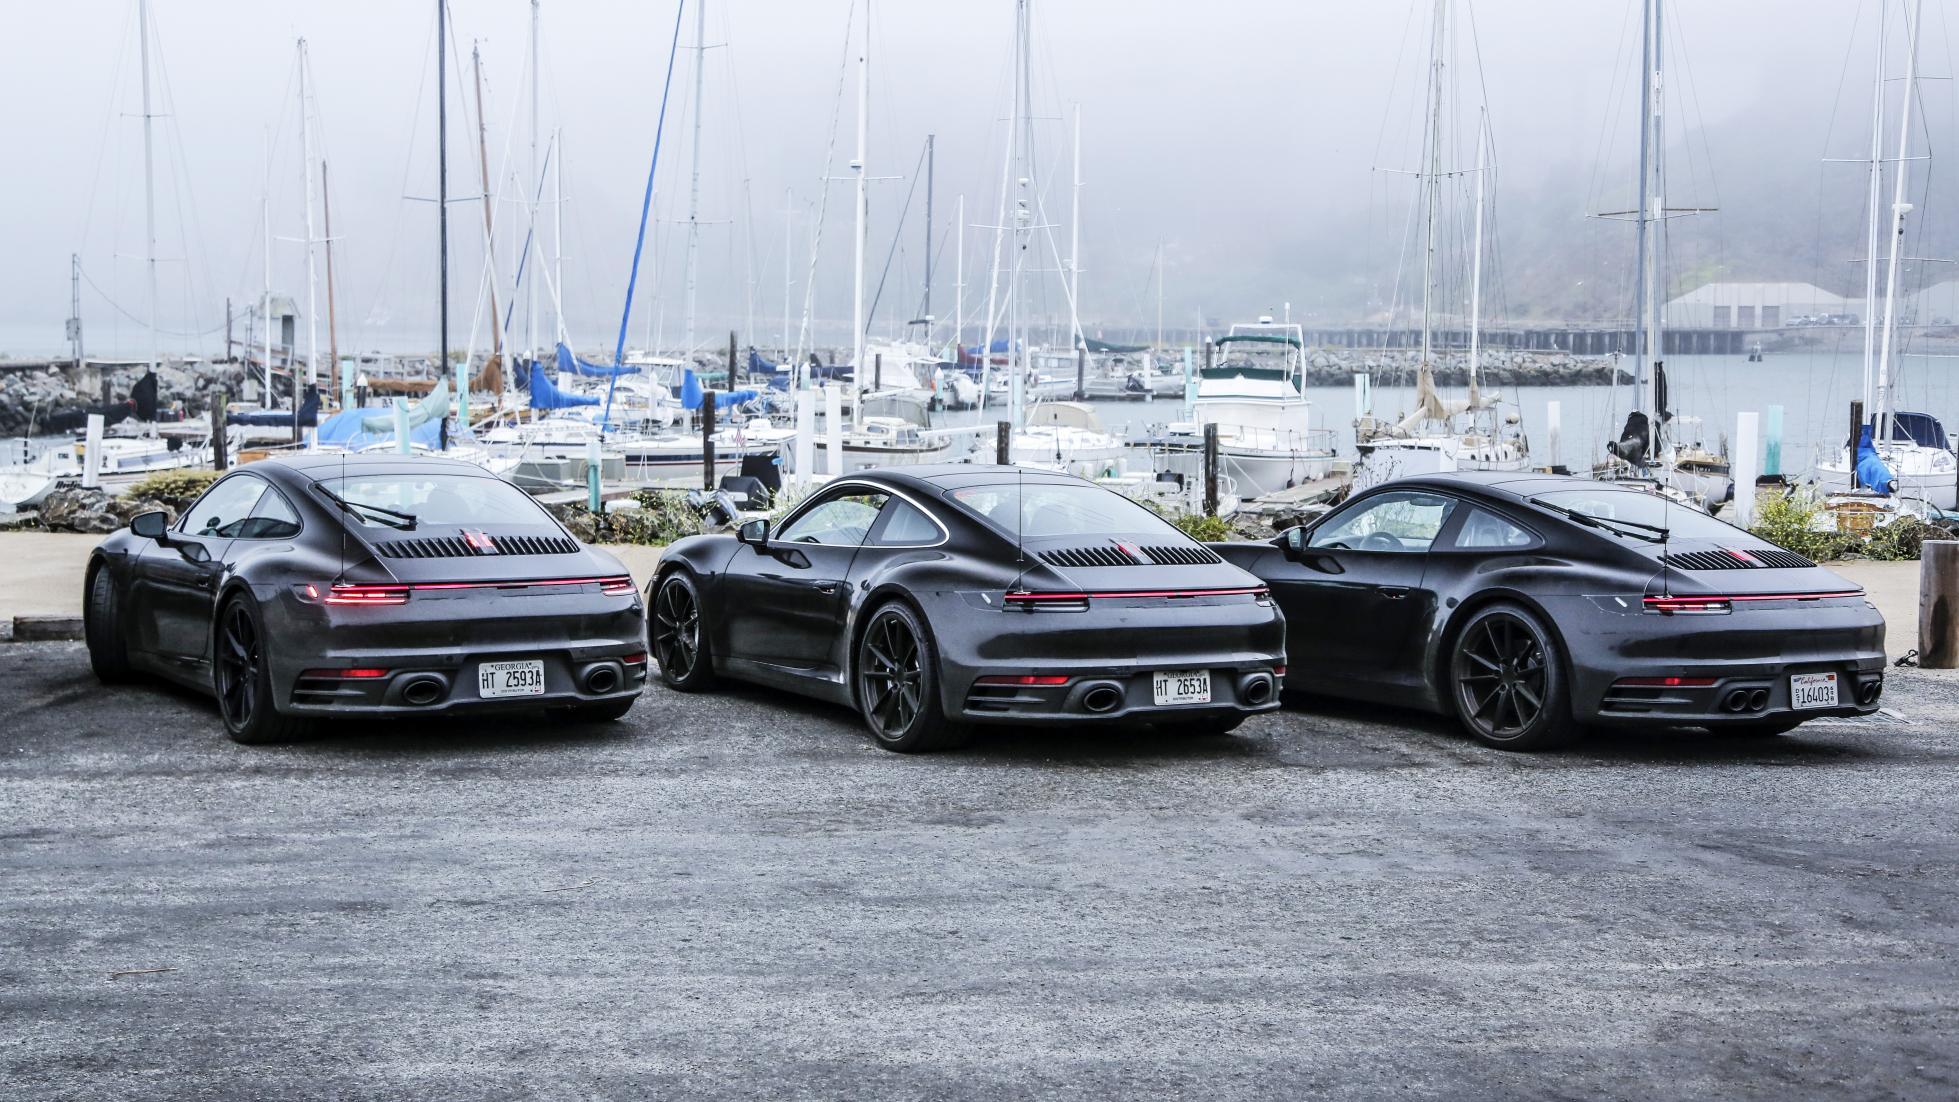 Porsche next-gent 911 hybrid